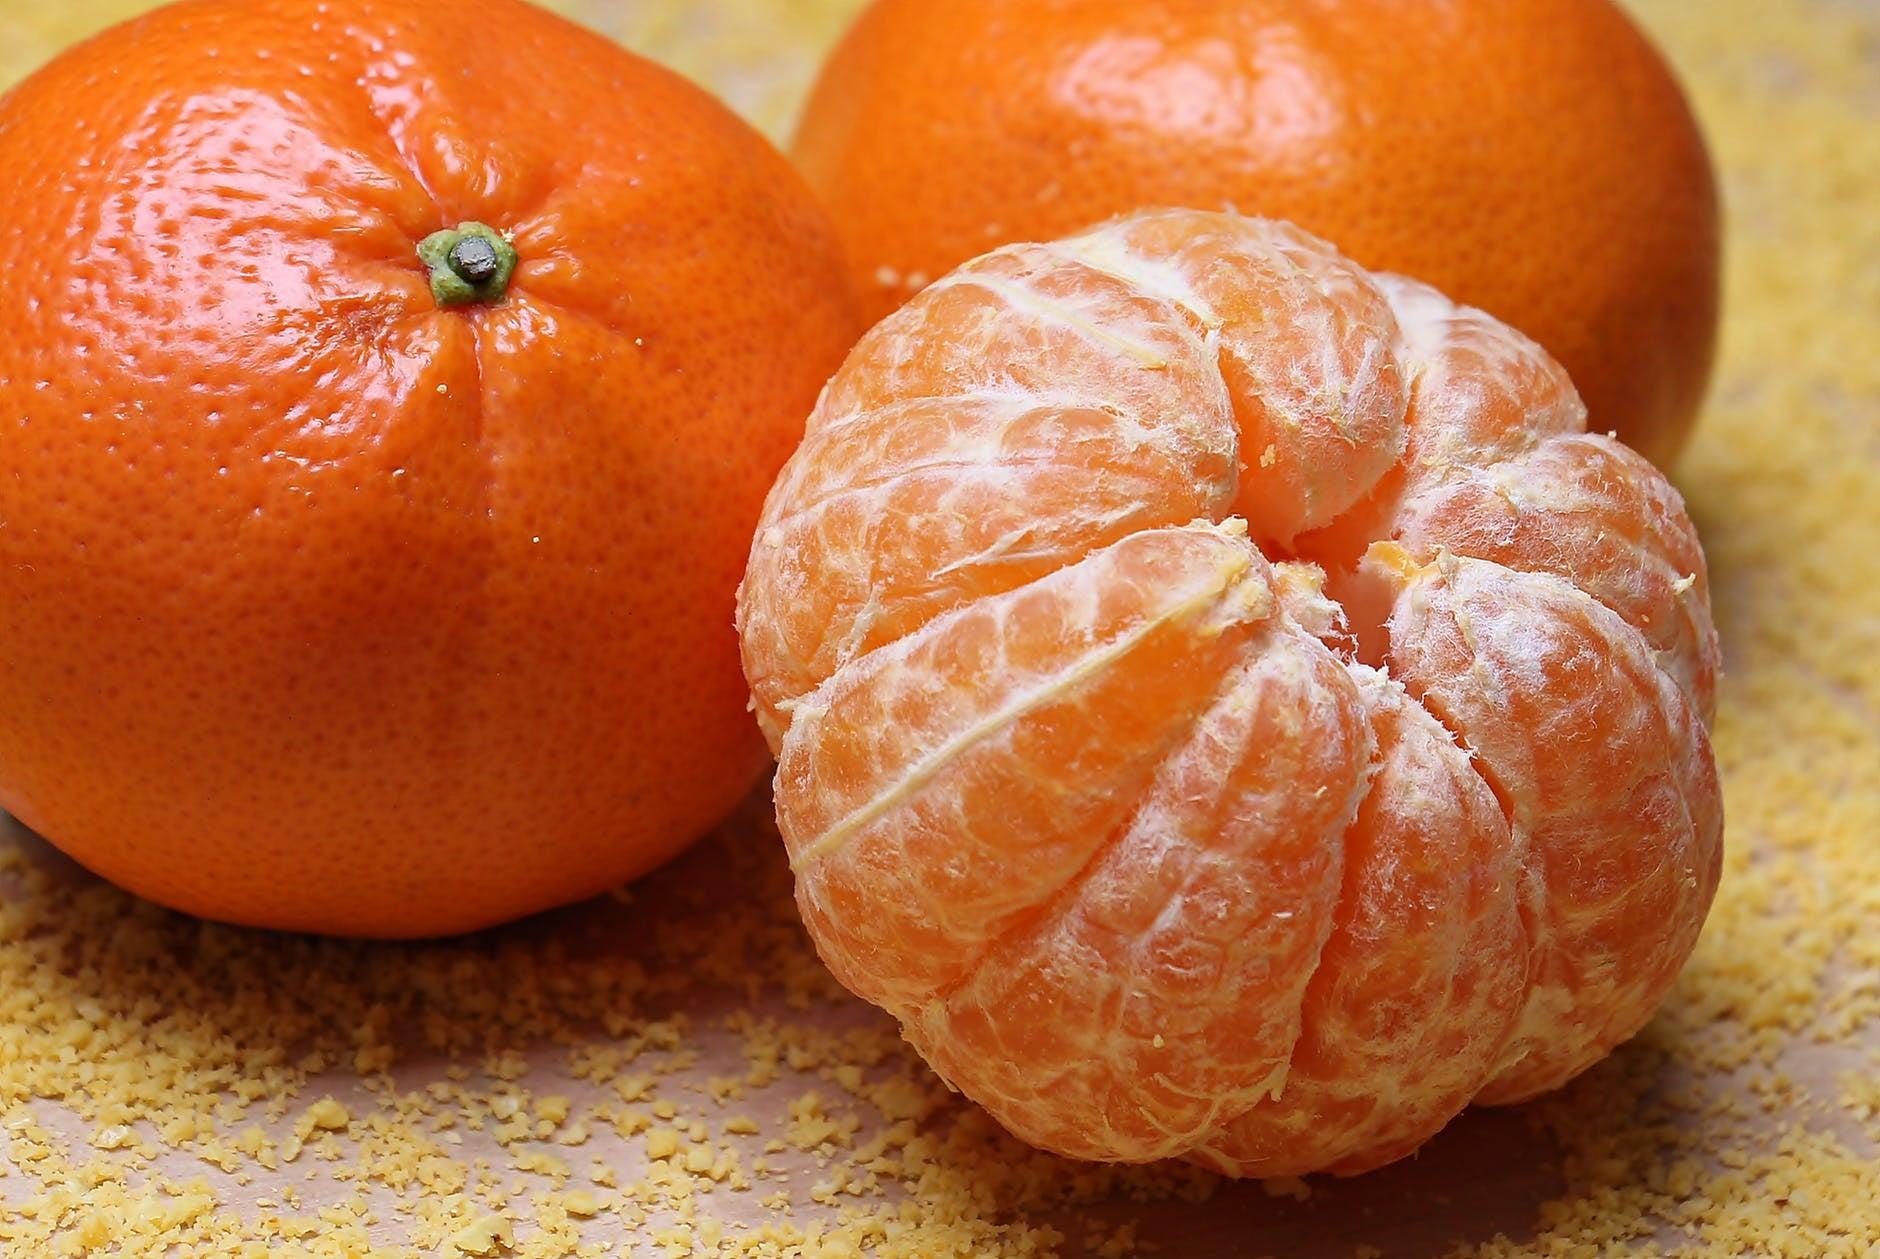 anti inflammatory diet oranges